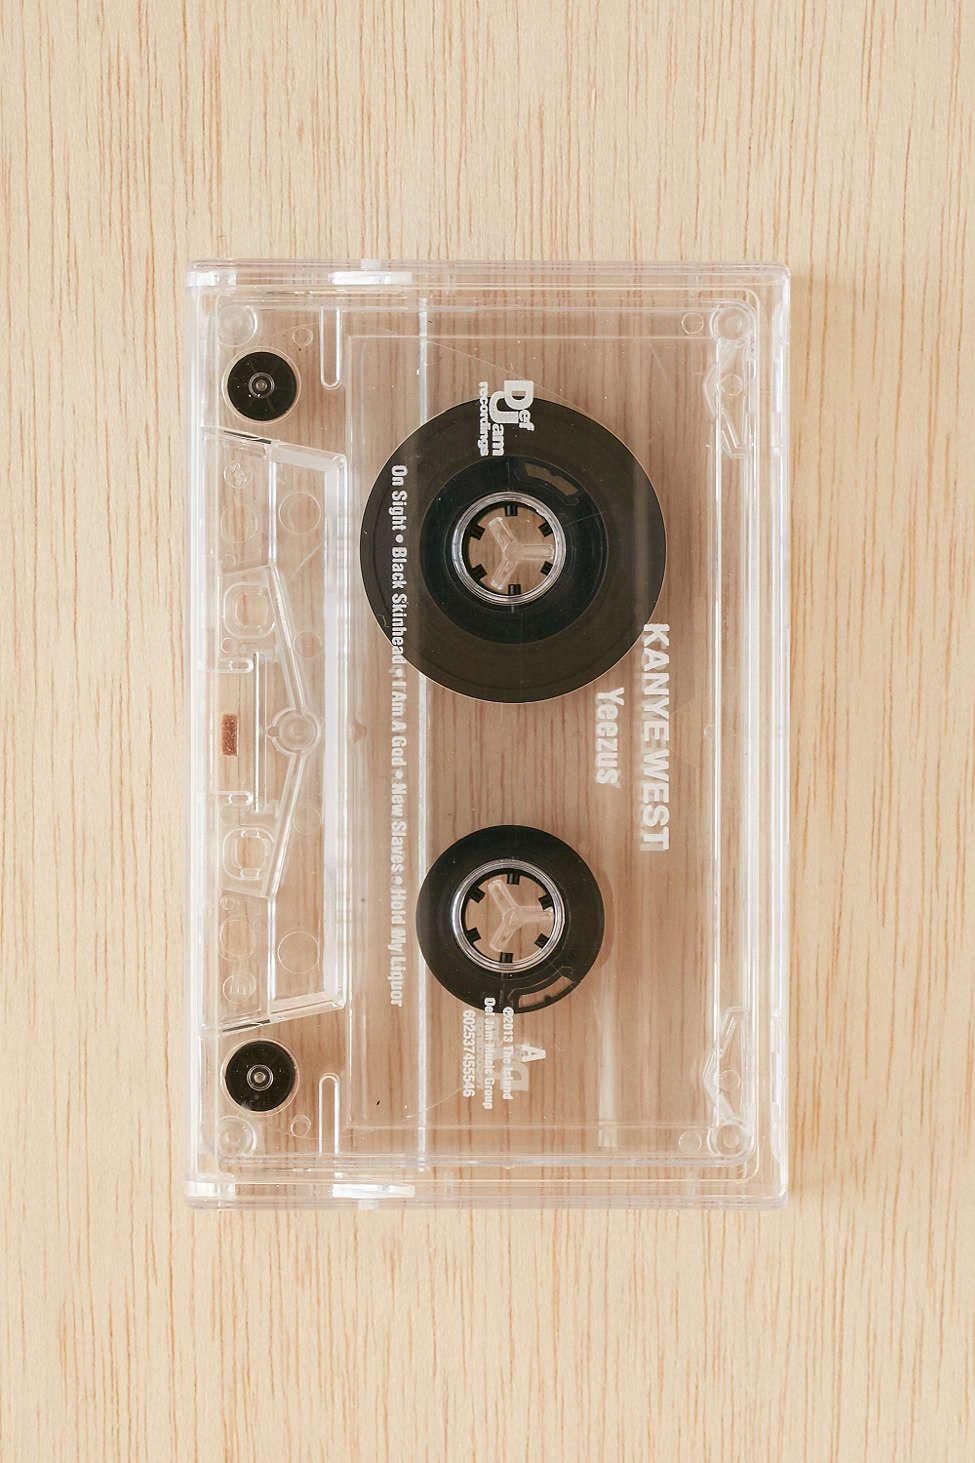 Kanye West - Yeezus Cassette Tape